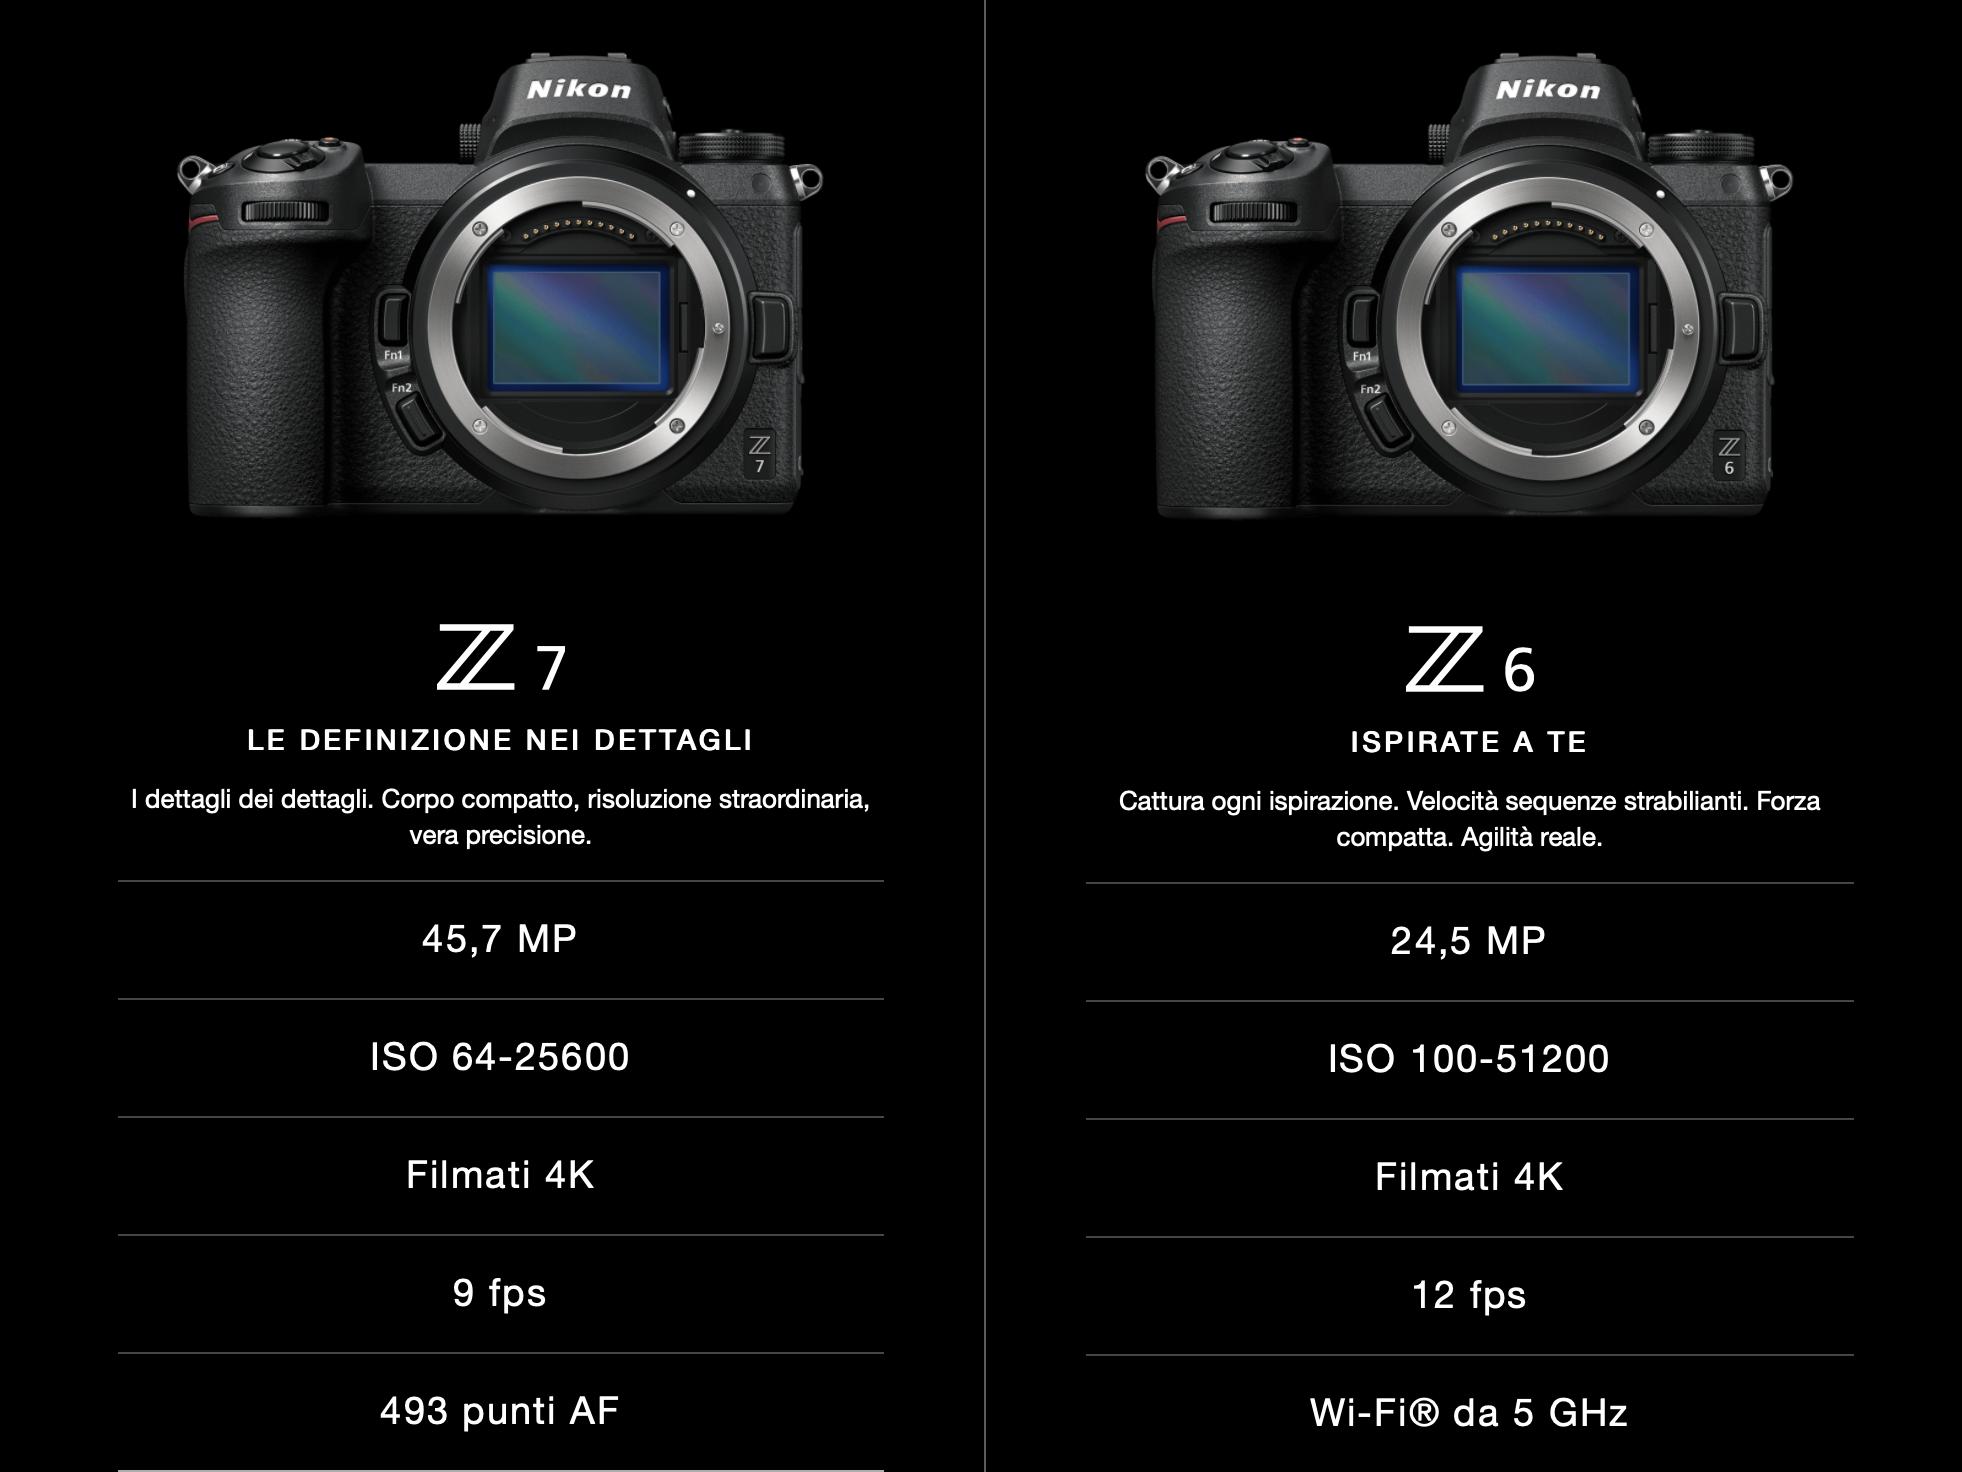 La mirrorless full frame Nikon Z6 sarà disponibile da domani 16 novembre 1